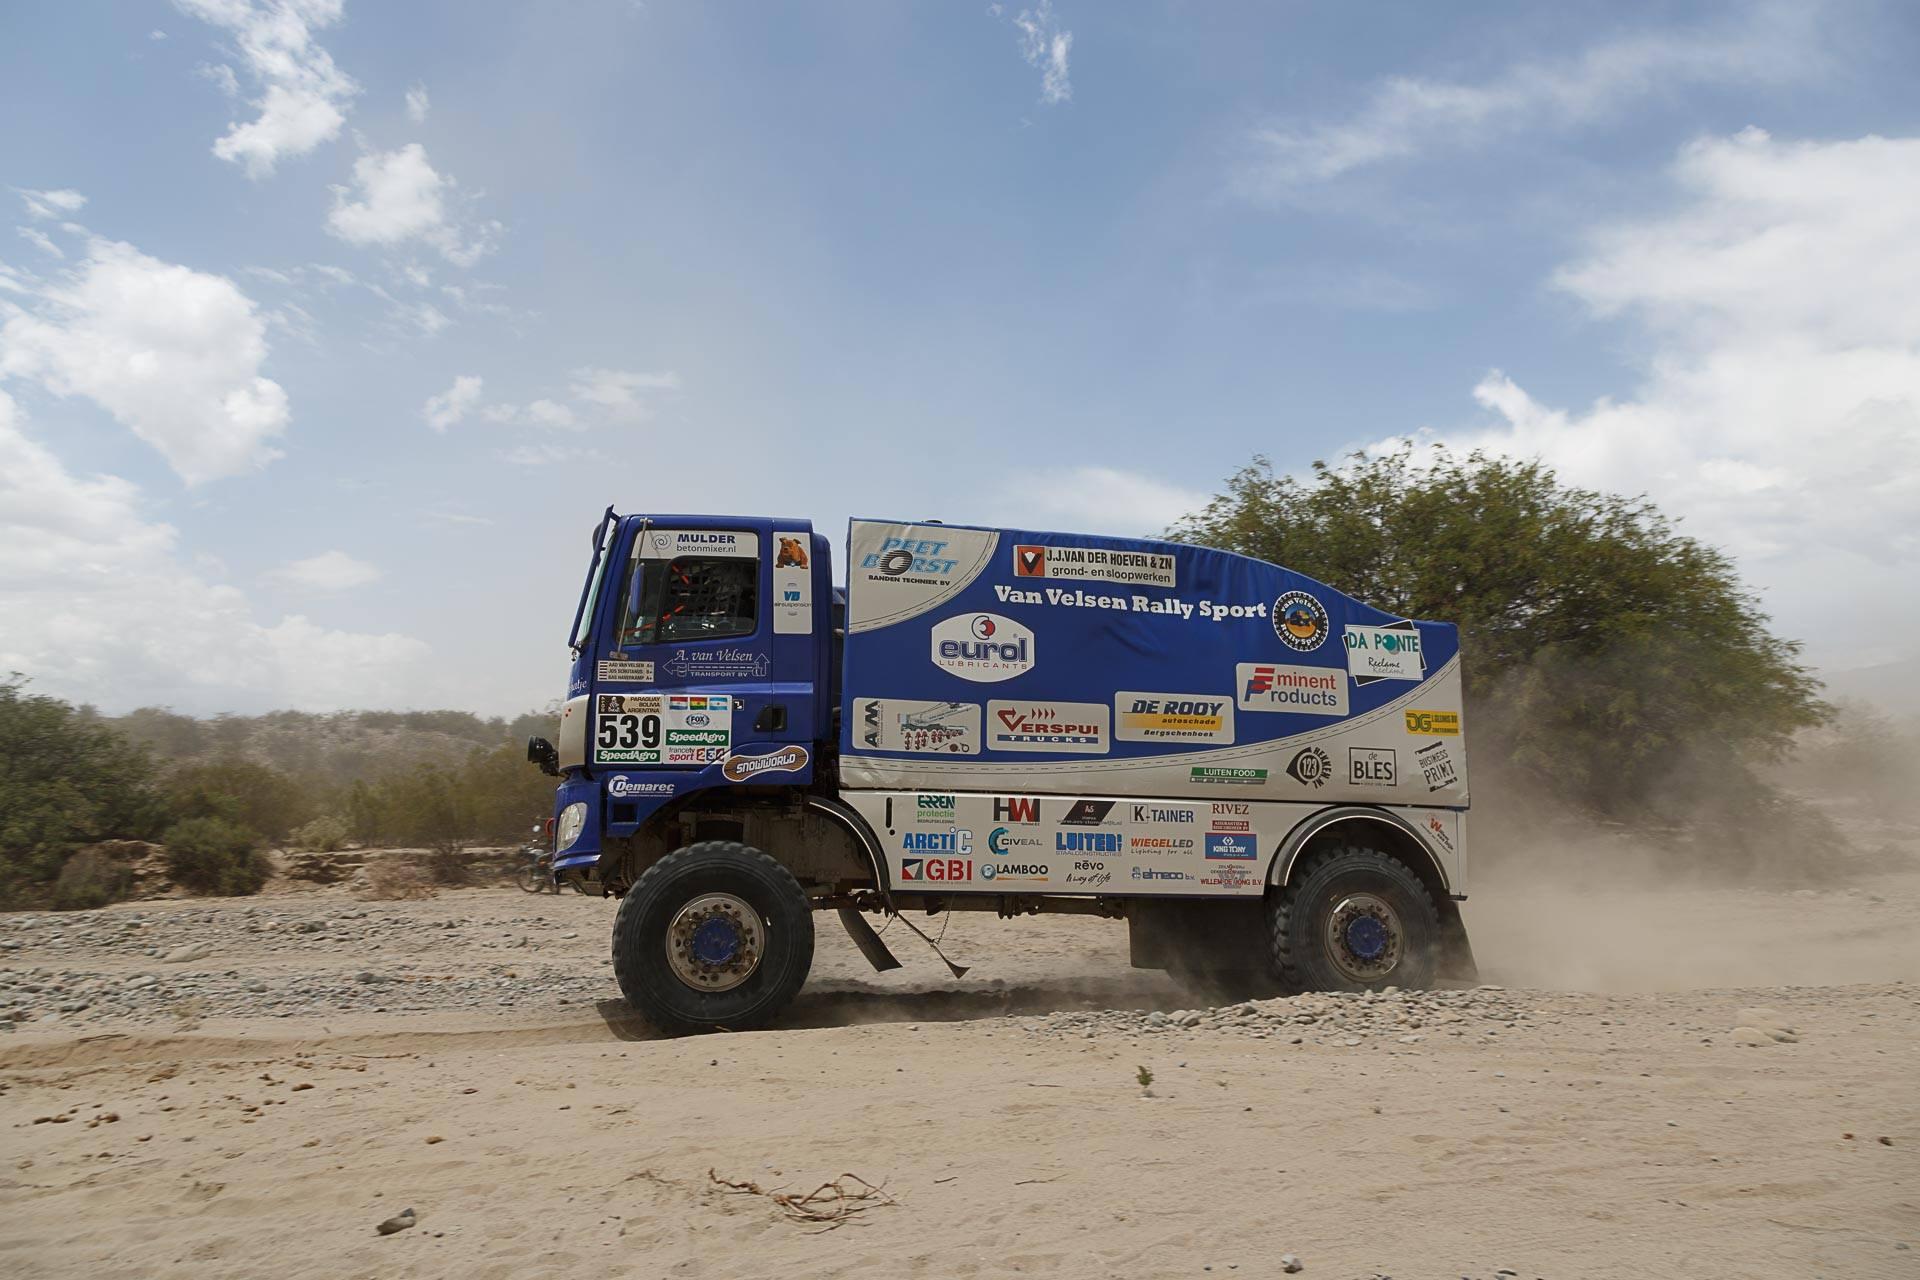 Van Velsen rallysport: Ze zijn gefinisht! Ze hebben etappe 4 door de duinen keurig volbracht